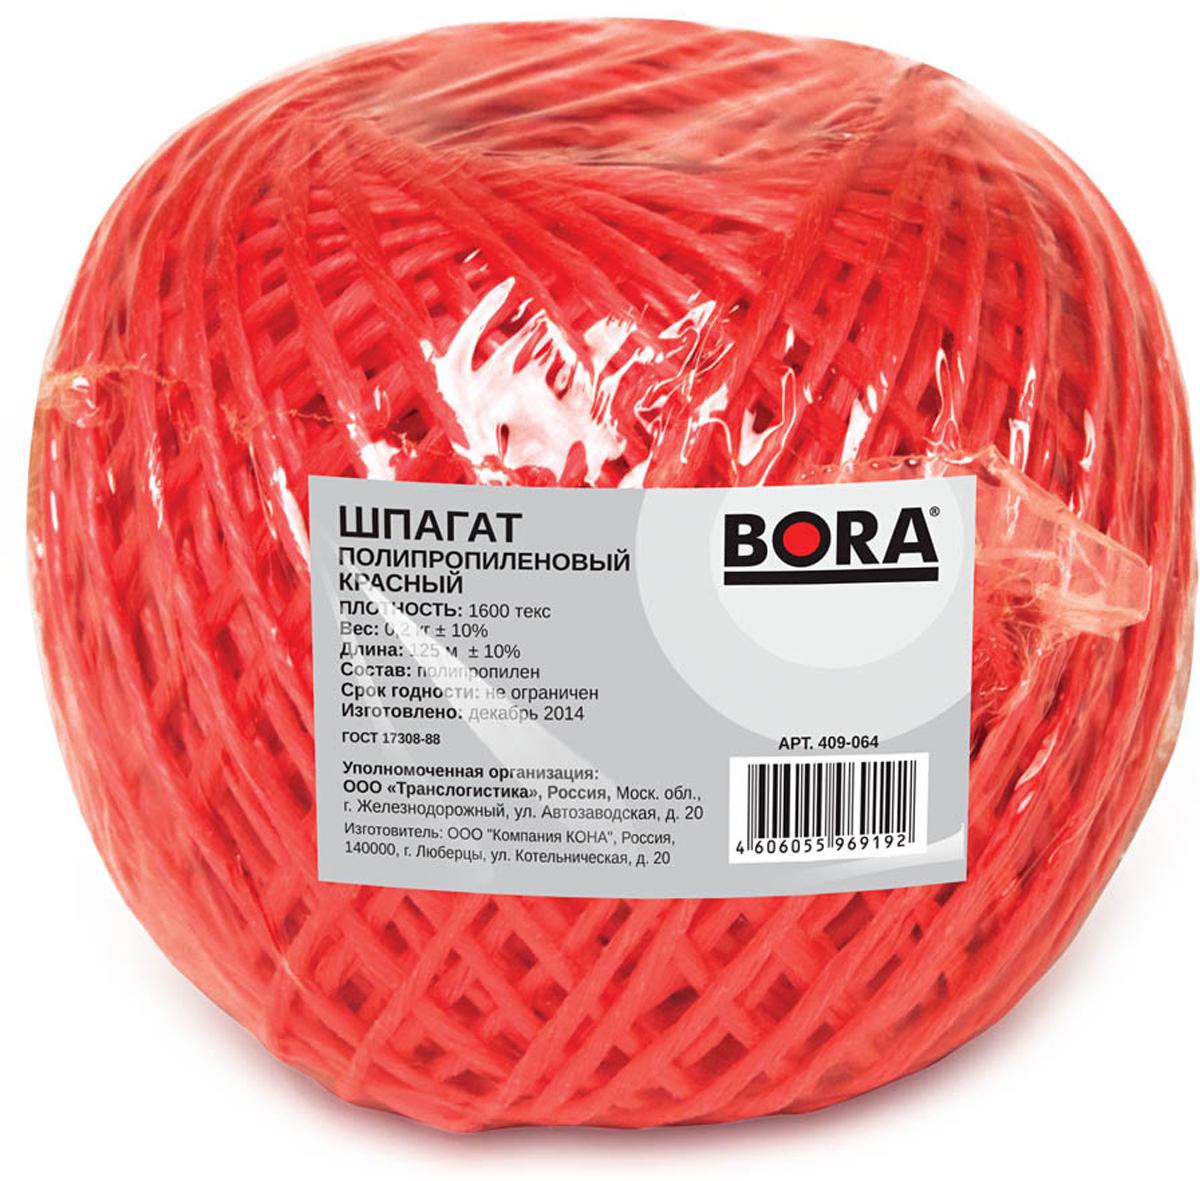 Шпагат Aviora, цвет: красный, 1600 текс, 125 м409-064Шпагат Aviora - это сверхпрочная полипропиленовая веревка общего назначения, которая отличается стойкостью к температурному воздействию, гниению и влаге. Отсутствие сердечника обеспечивает минимальное относительное удлинение под нагрузкой. Универсальный упаковочно-обвязочный материал.